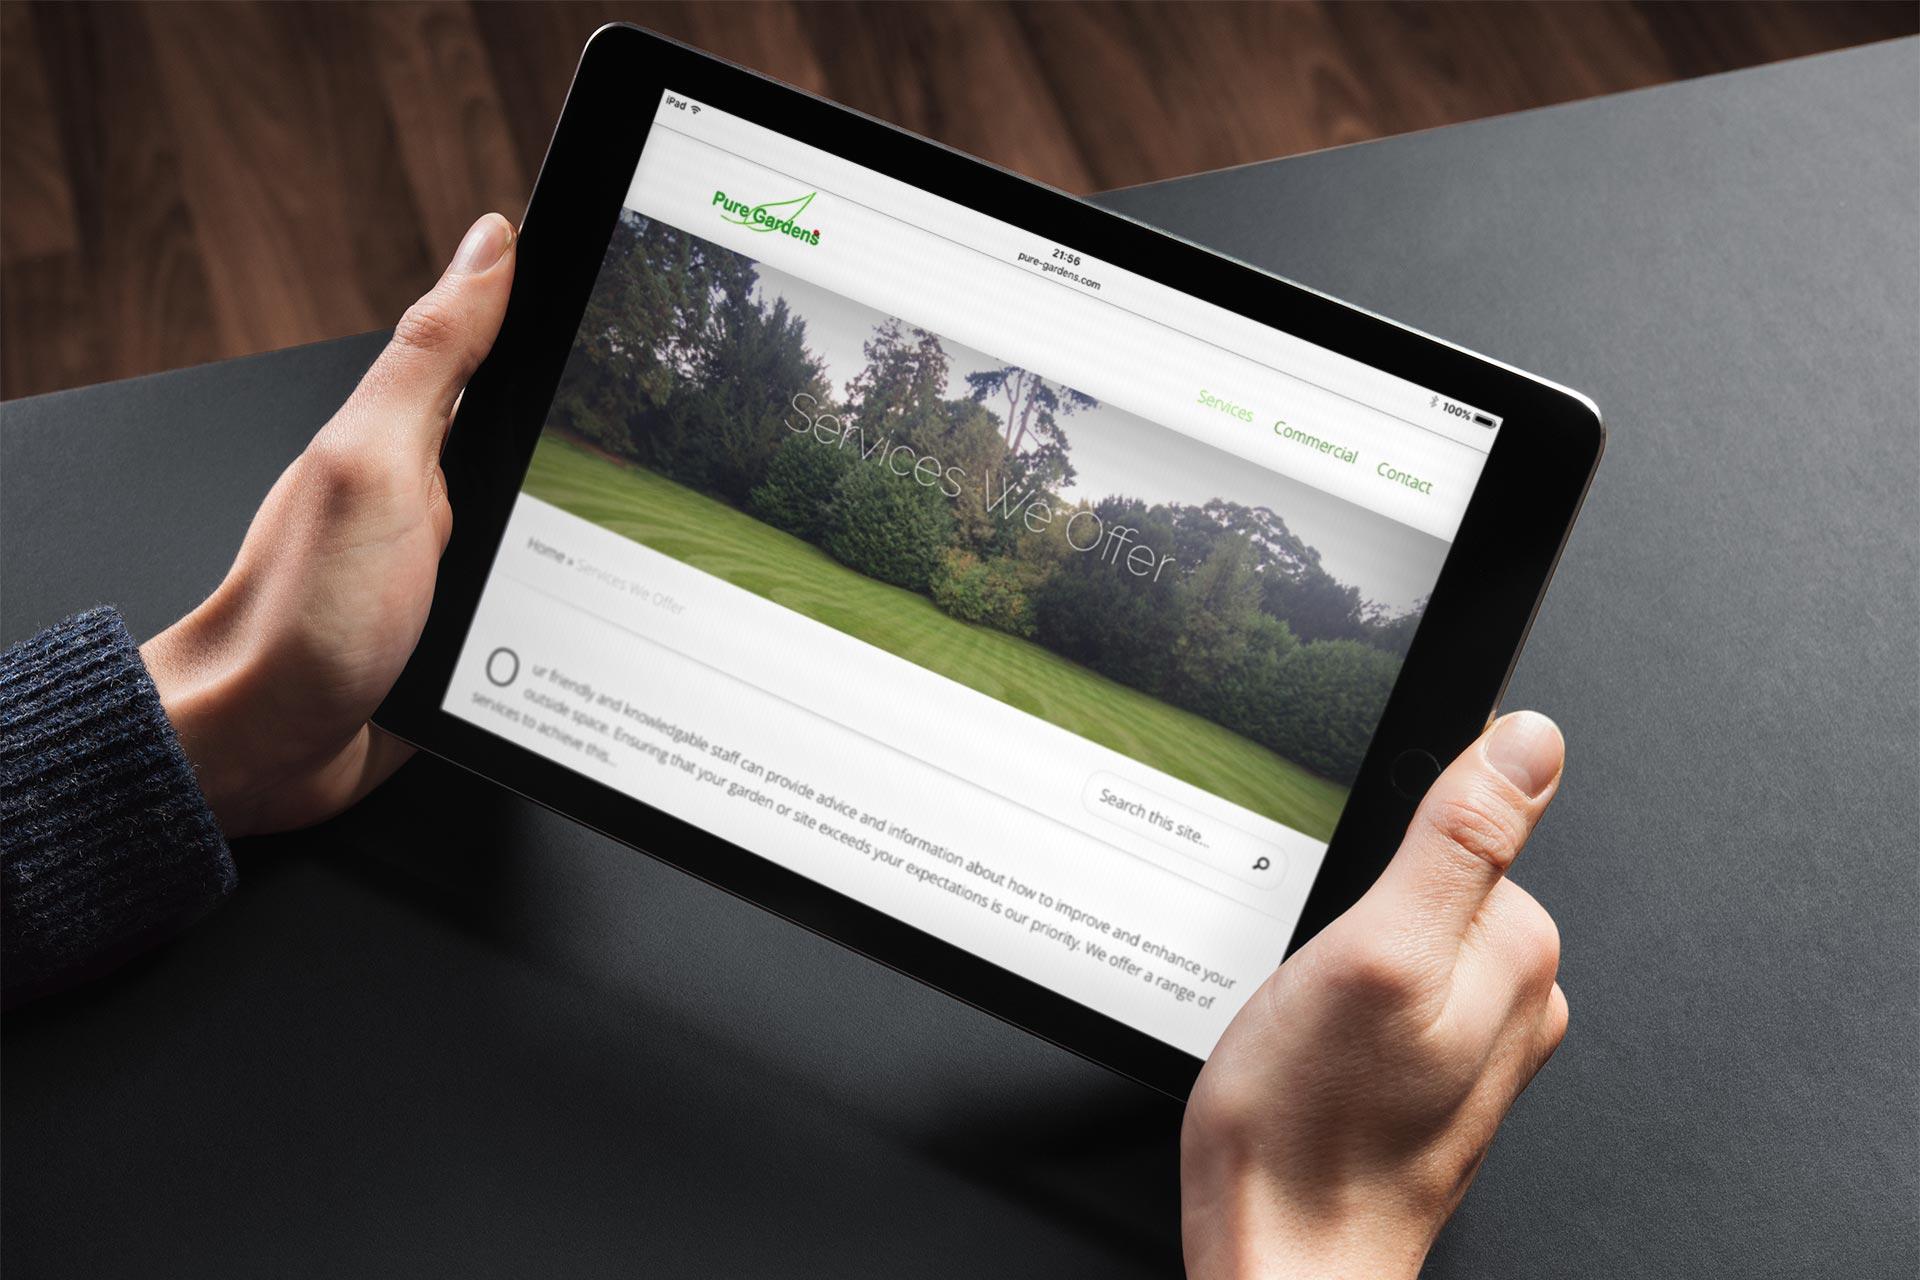 Pure Gardens website